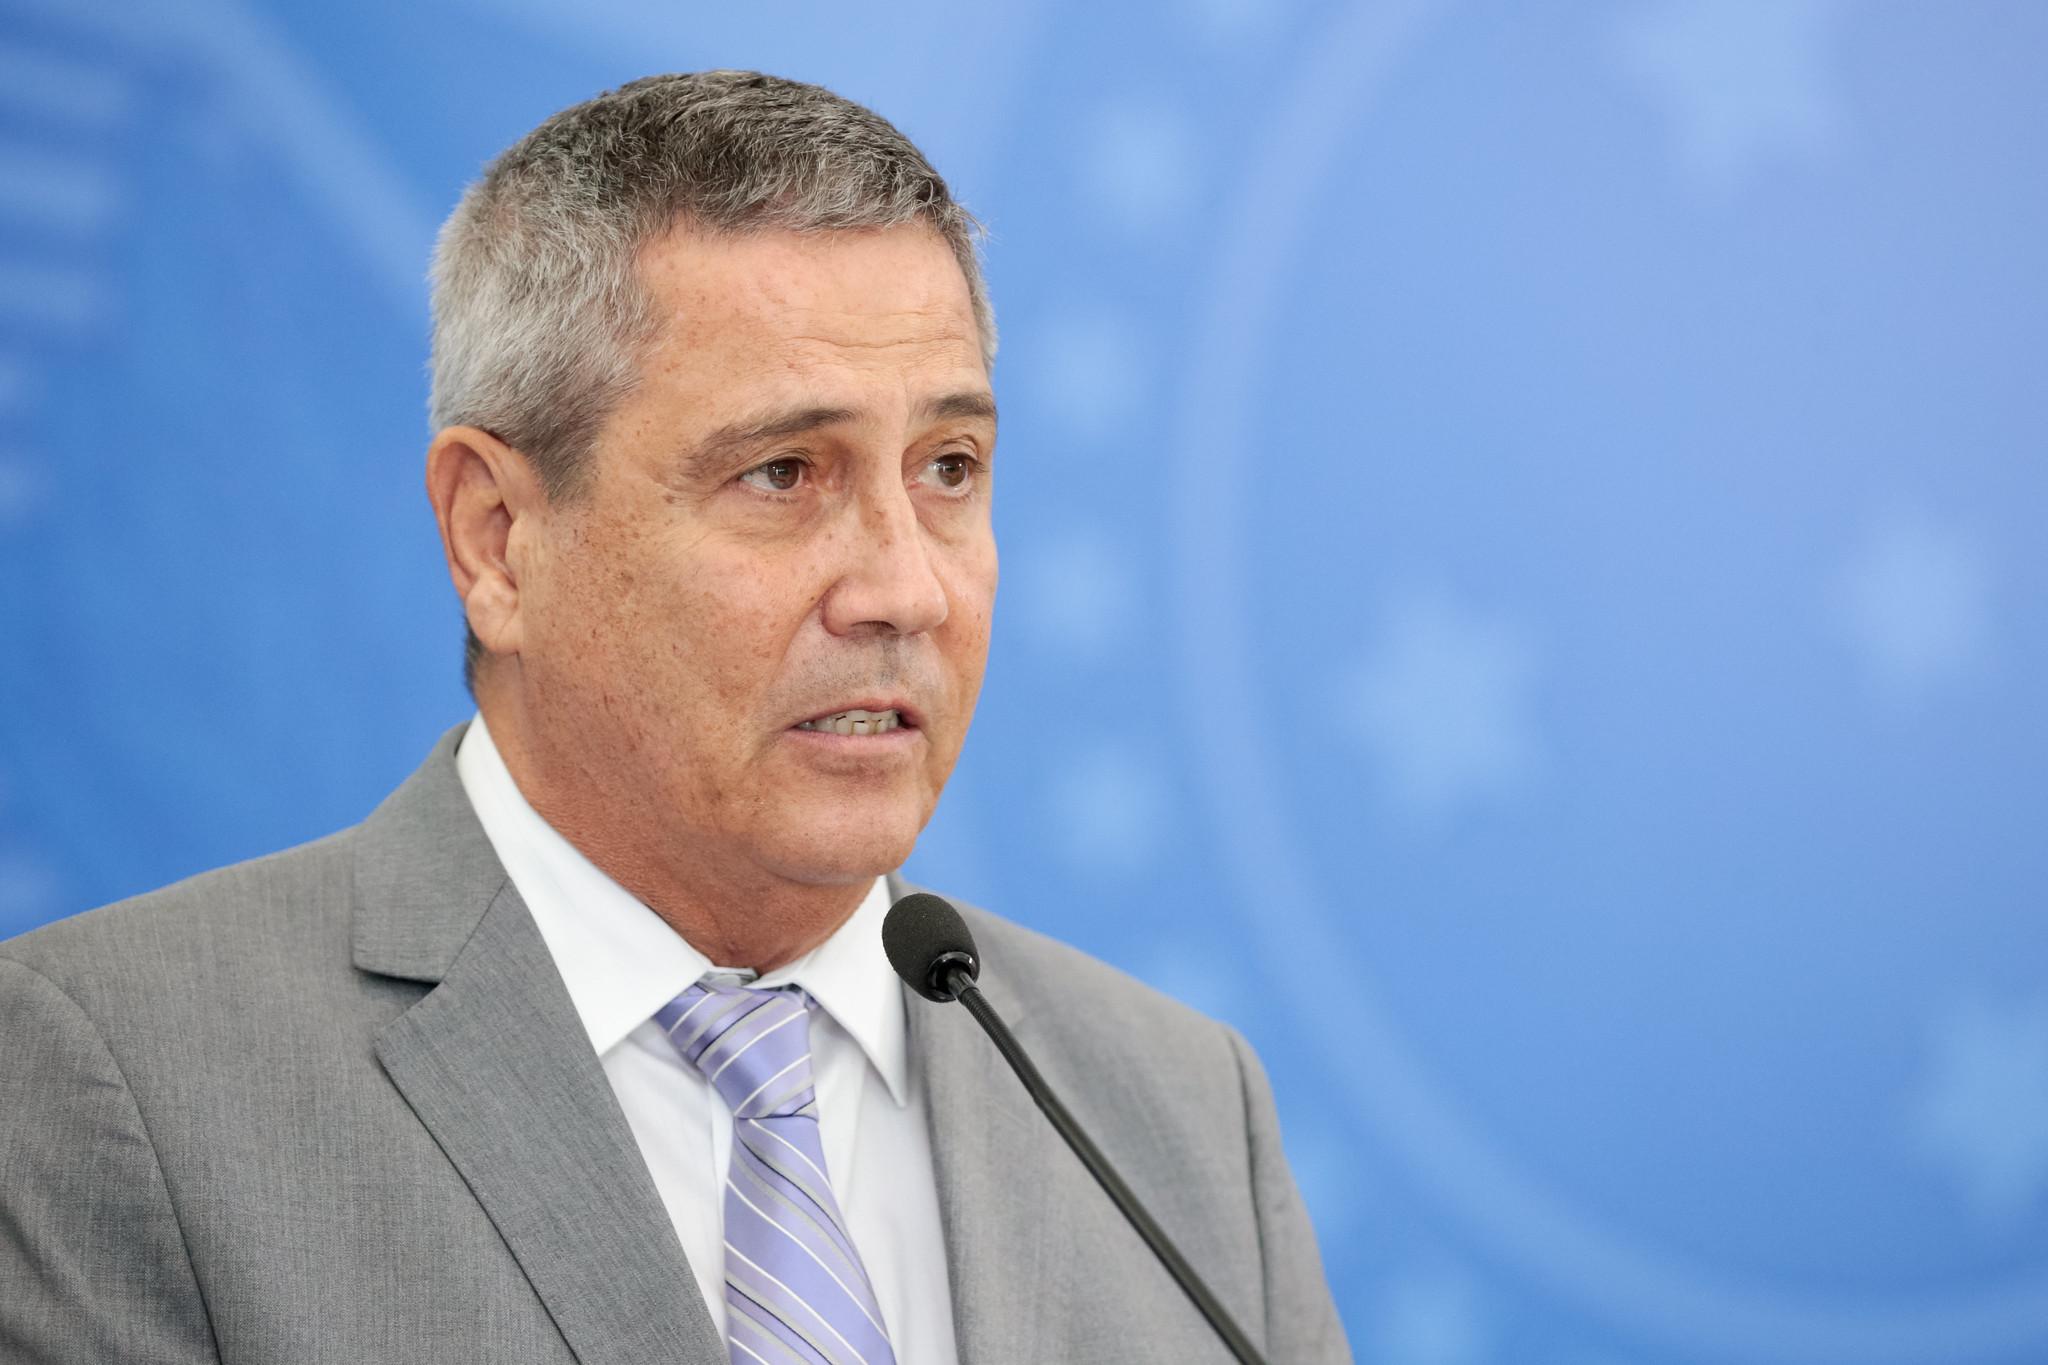 IMAGEM: Depois de manobra de Barros, comissão da Câmara convoca Braga Netto de novo